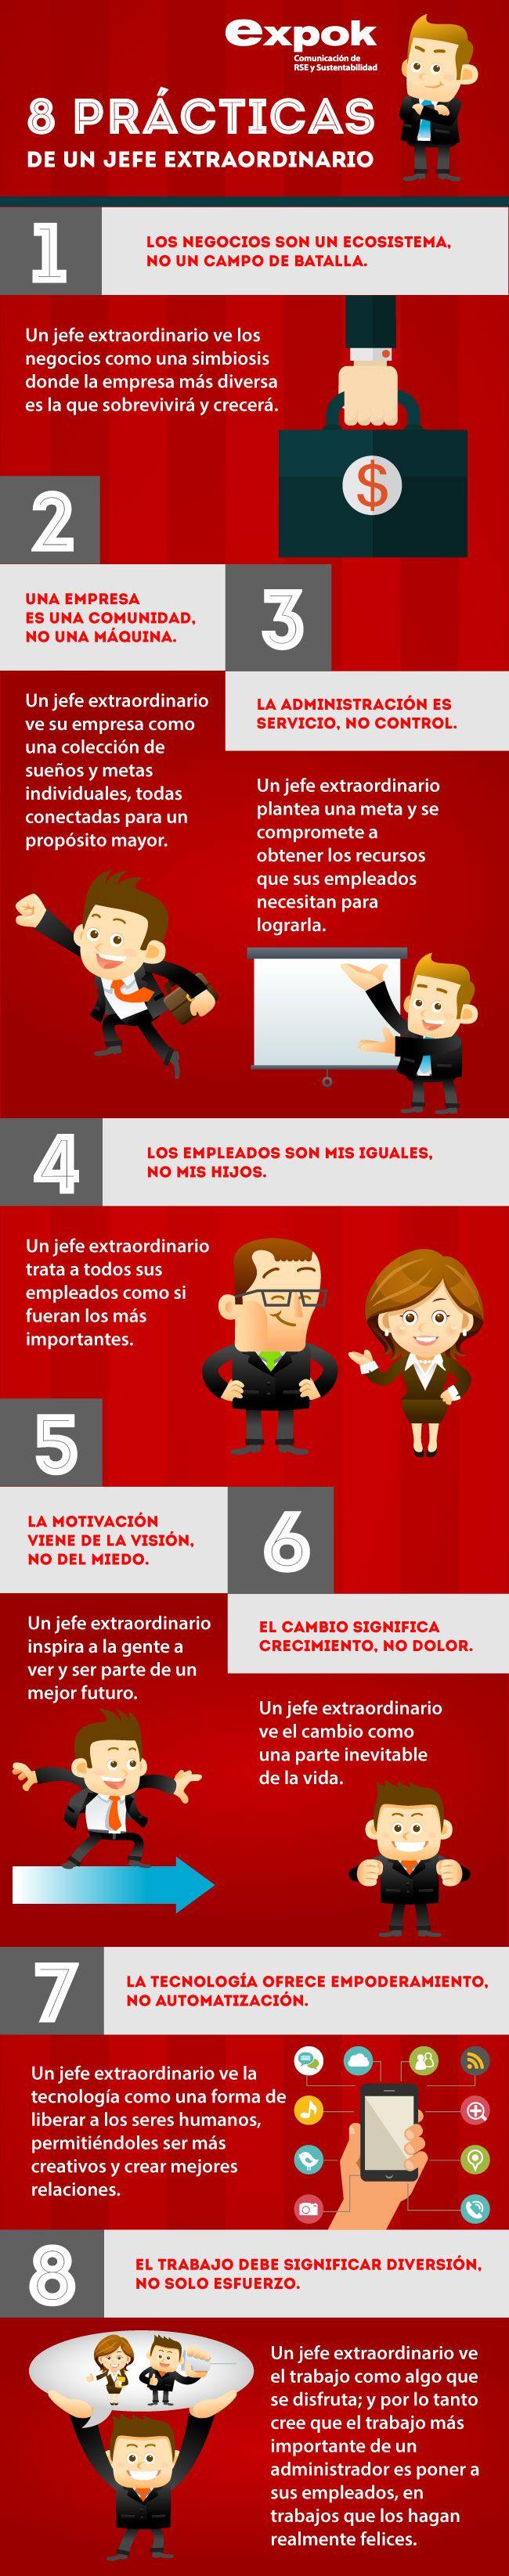 Las 8 prácticas de un jefe extraordinario #Liderazgo #Leadership